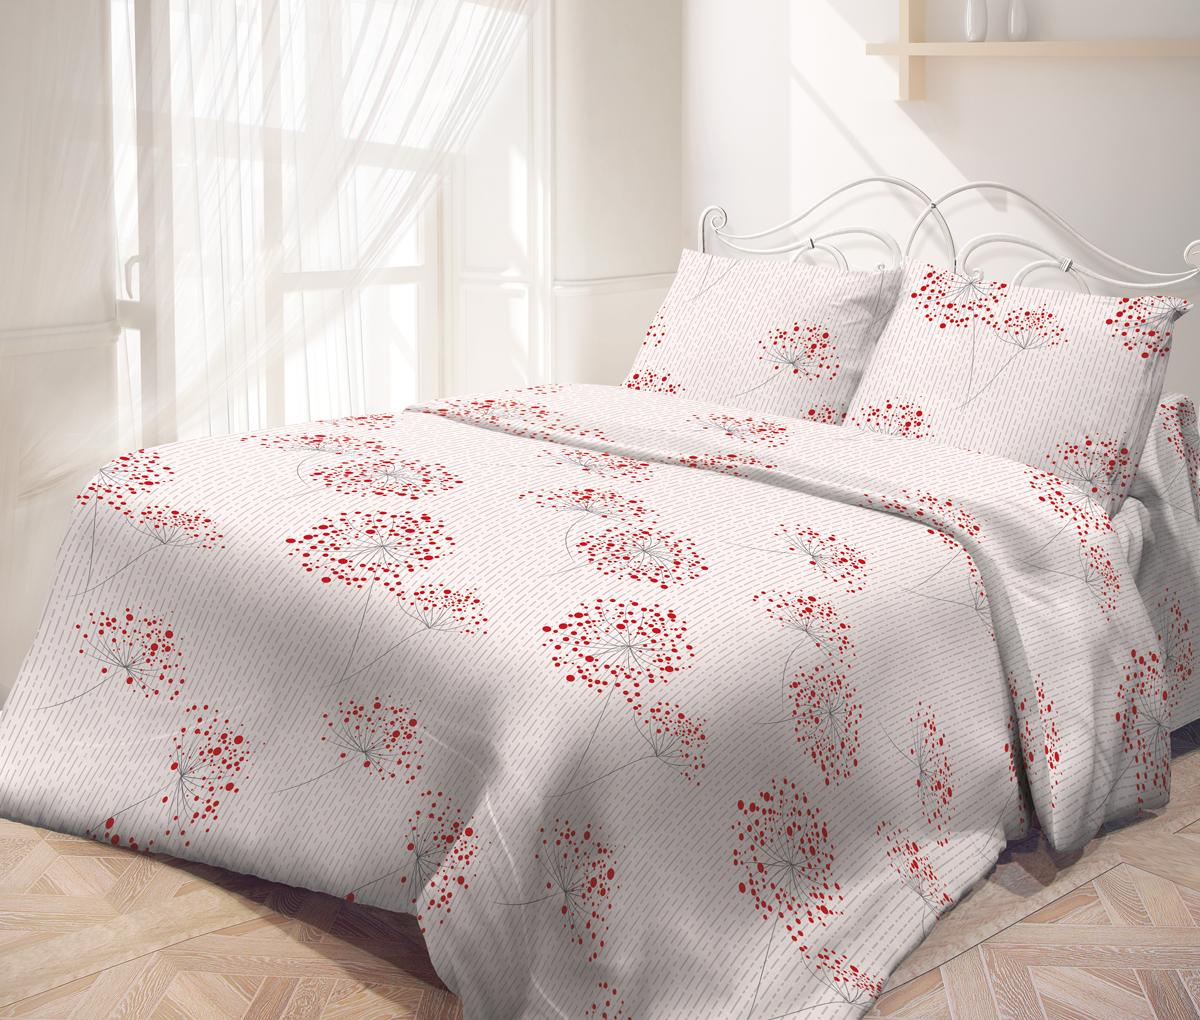 Комплект постельного белья Самойловский текстиль Легкость, 2-спальный, наволочки 50х70, цвет: коричневый714280Комплекты постельного белья Самойловский текстиль - это максимально натуральный, естественный комфорт и невероятно приятные тактильные ощущения и актуальные современные дизайны. Чрезвычайно мягкая на ощупь поверхность хлопковой ткани Cottonsoft - будто нежный и мягкий лепесток цветка. Она имеет бархатистую структуру благодаря использованию особого сырья и технологий при производстве. Неприхотливая в уходе, 100% натуральная, износостойкая, но самое главное - особенно мягкая, она безусловно понравится тем, кто любит понежиться в постели и станет отличной альтернативой традиционным комплектам из тканей полотняной структуры.Советы по выбору постельного белья от блогера Ирины Соковых. Статья OZON Гид